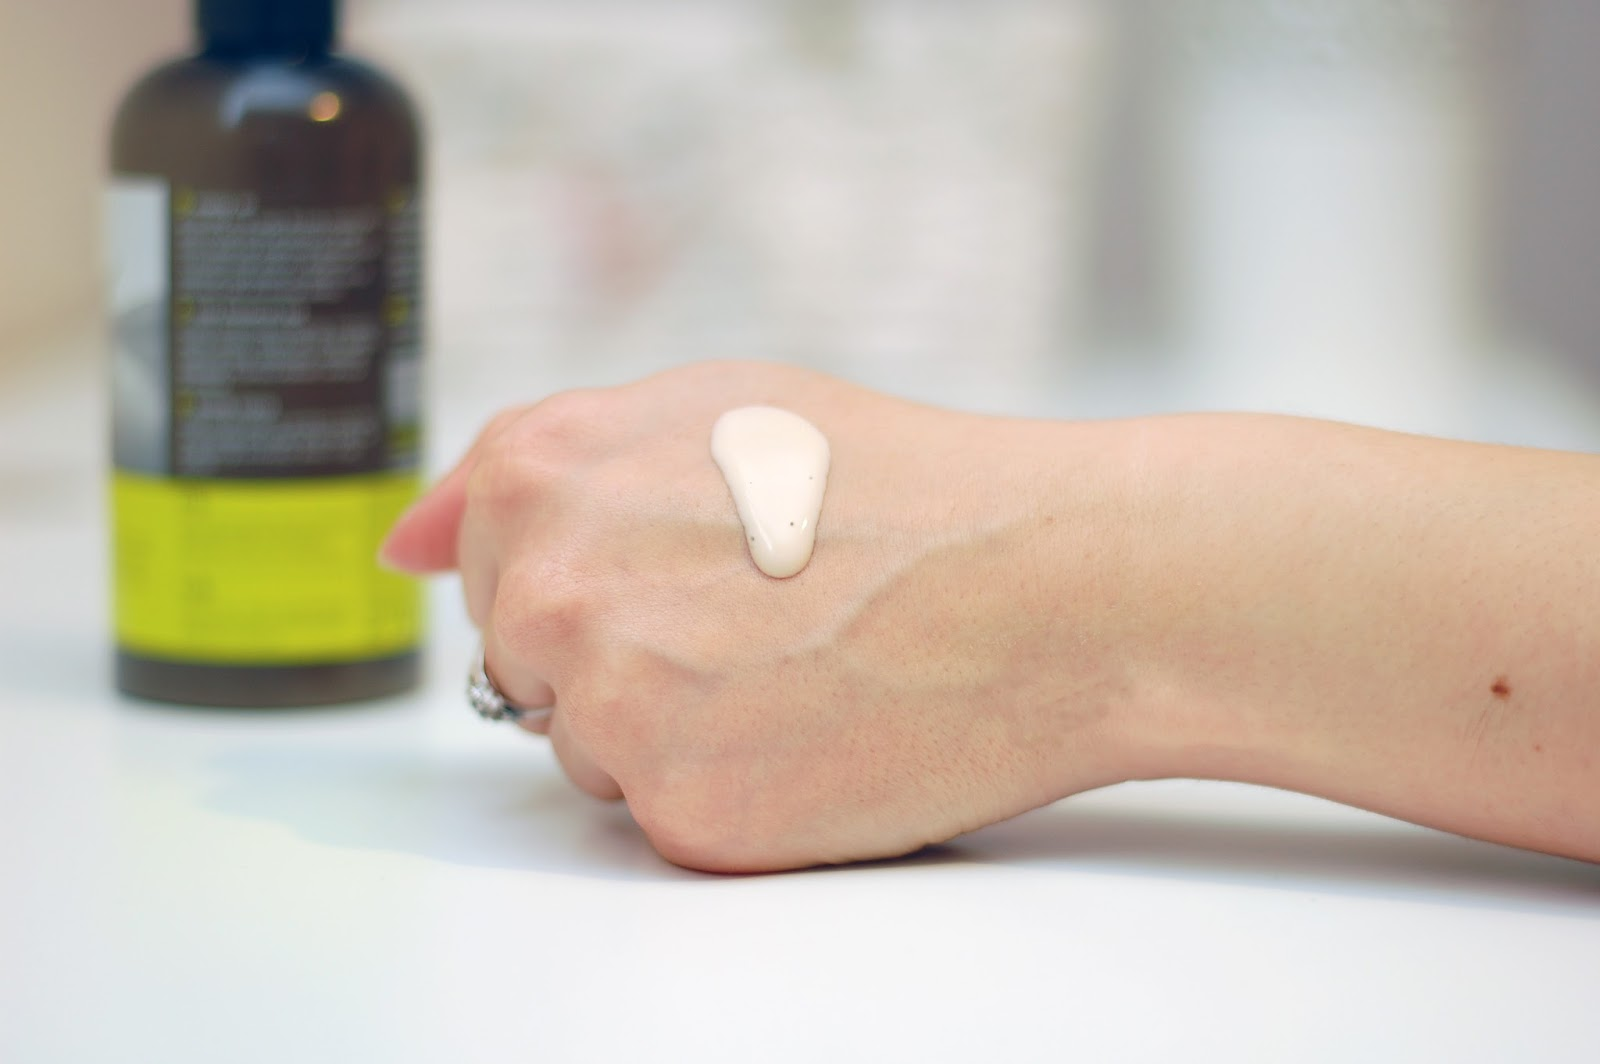 Tołpa, Eco Spa, Witalność, Rewitalizujące mleczko - olejek przywracające jędrność ciała blog